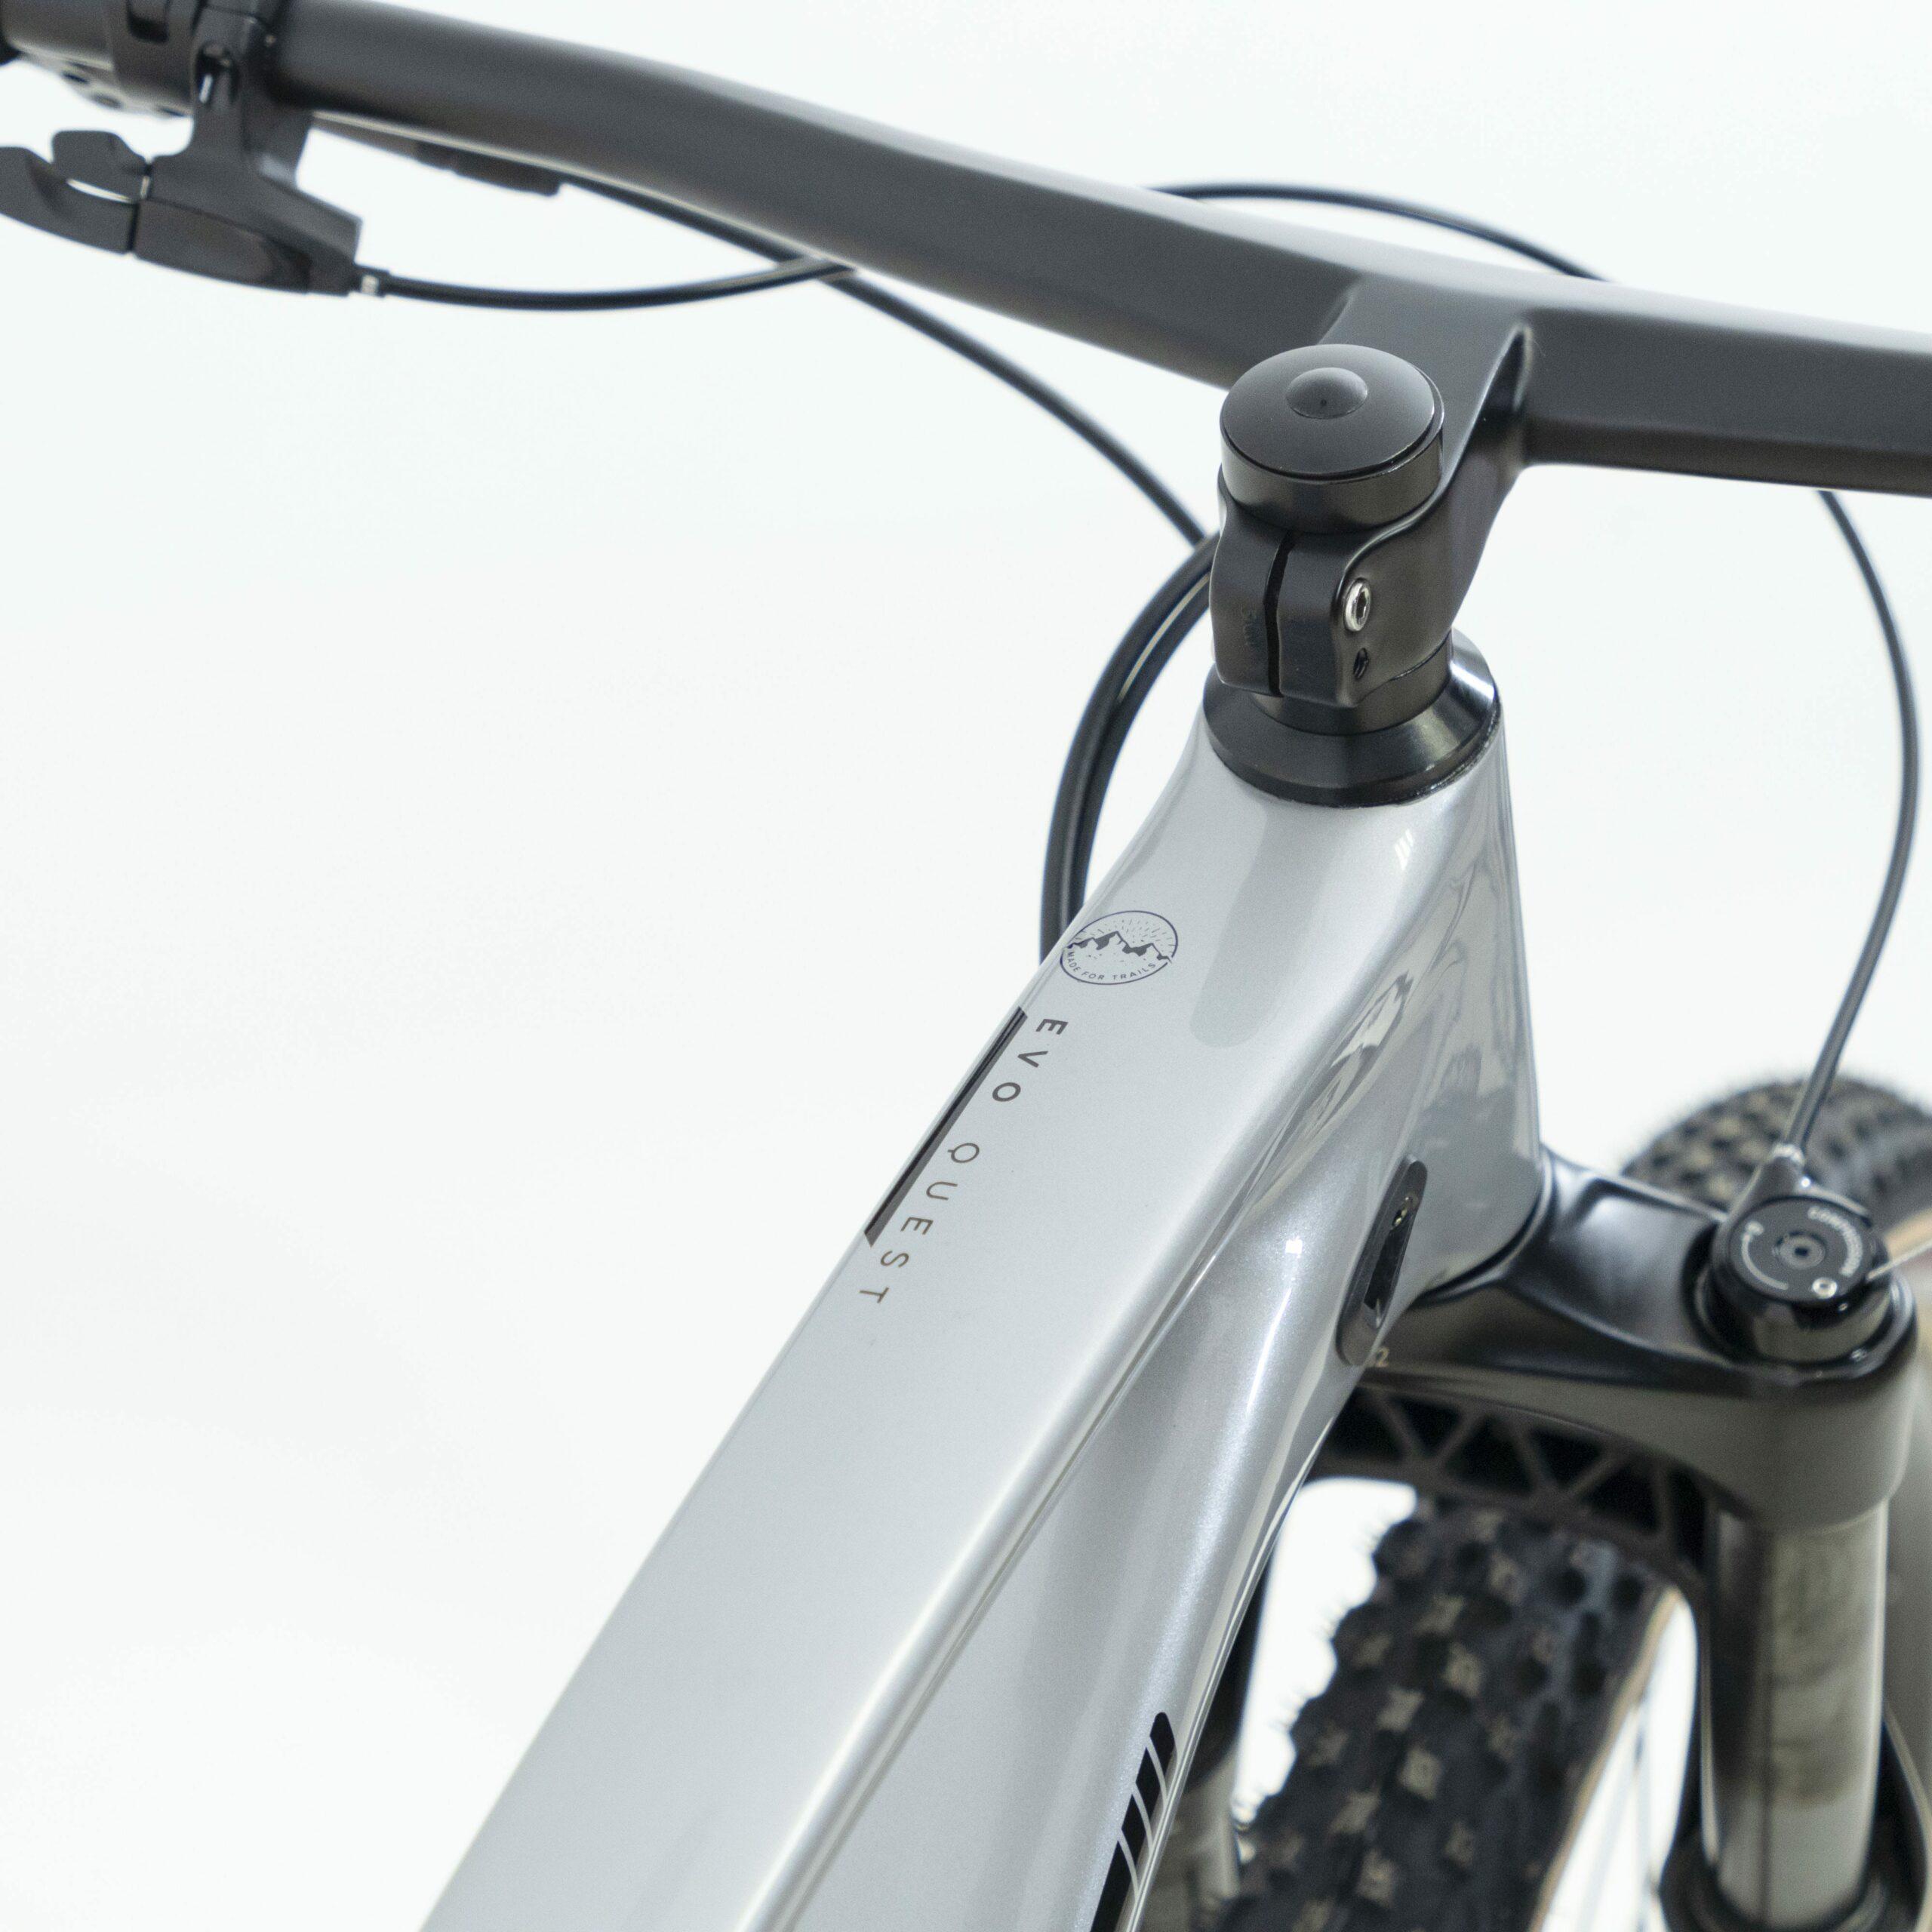 Bicicleta TSW Evo Quest   Advanced-Recon 9